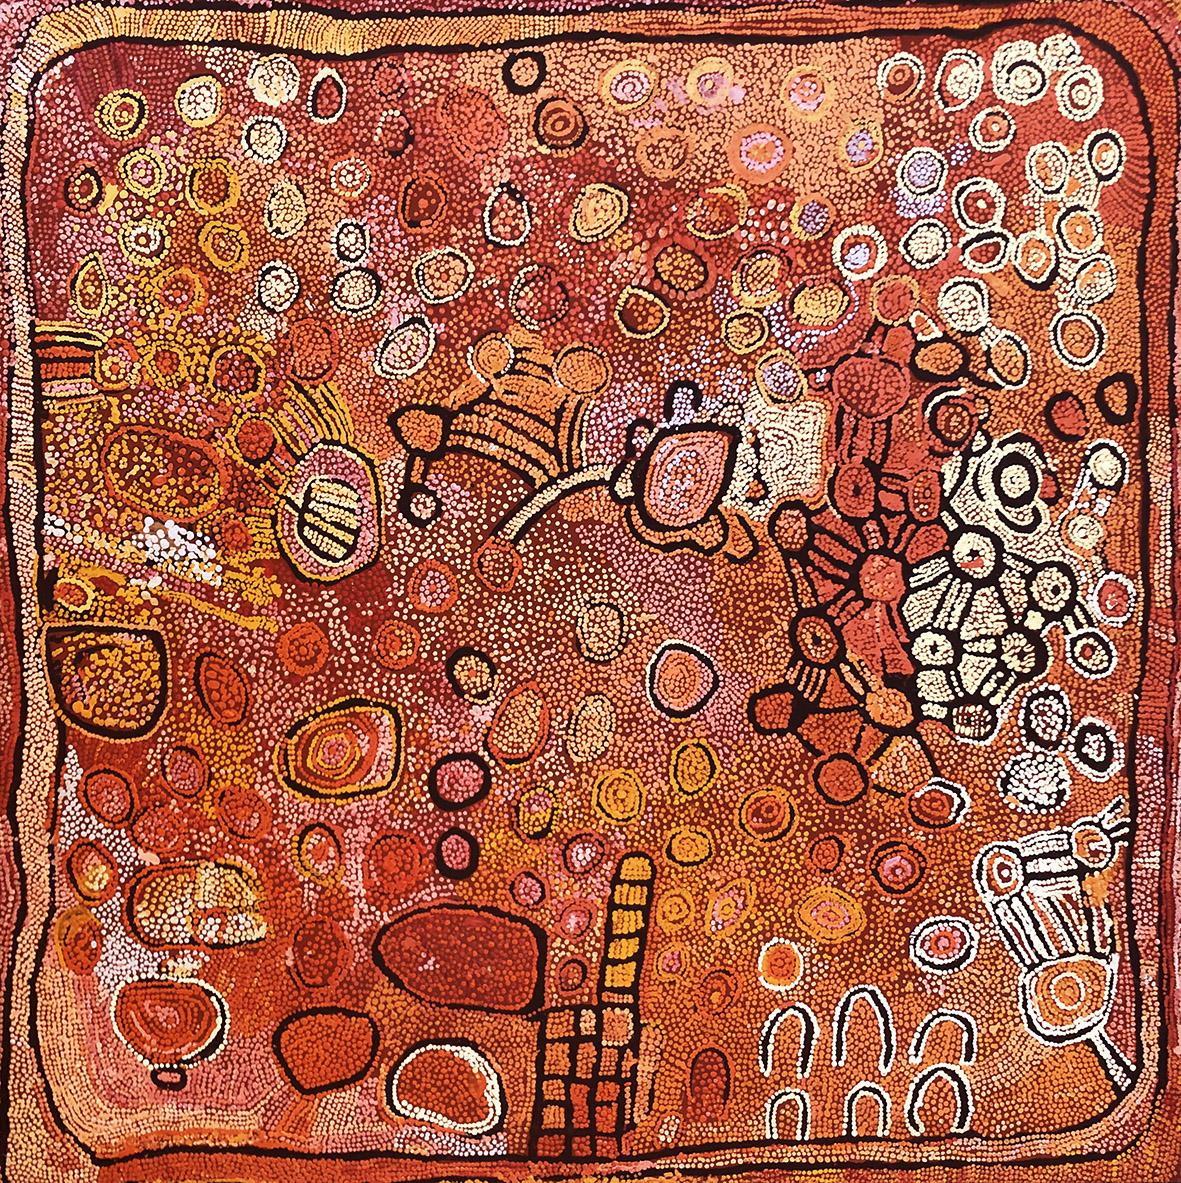 NAATA NUNGURRAYI, born 1932, Marrapinti, 2004